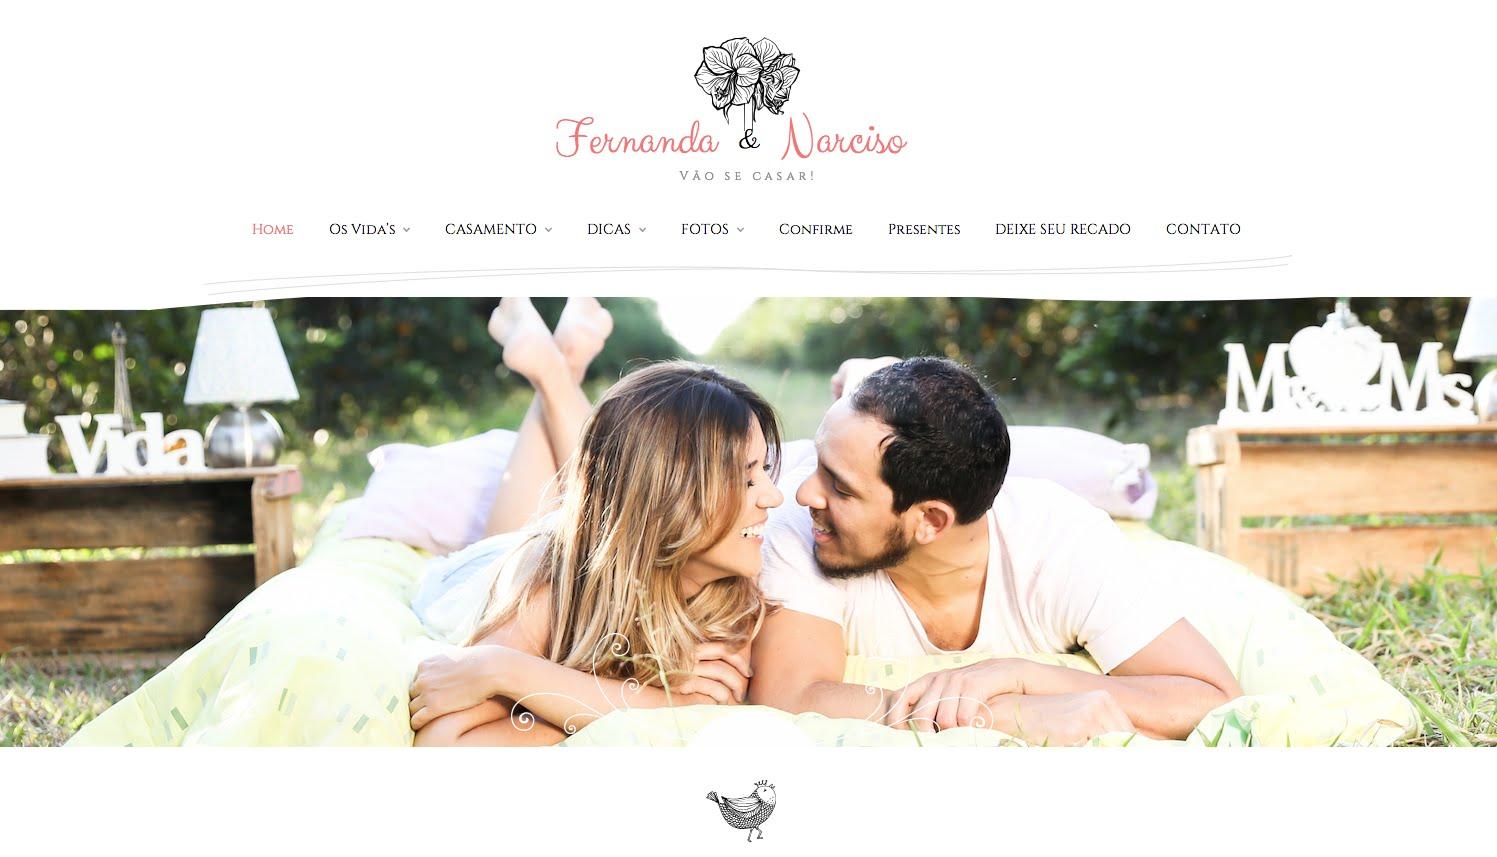 site de casamento